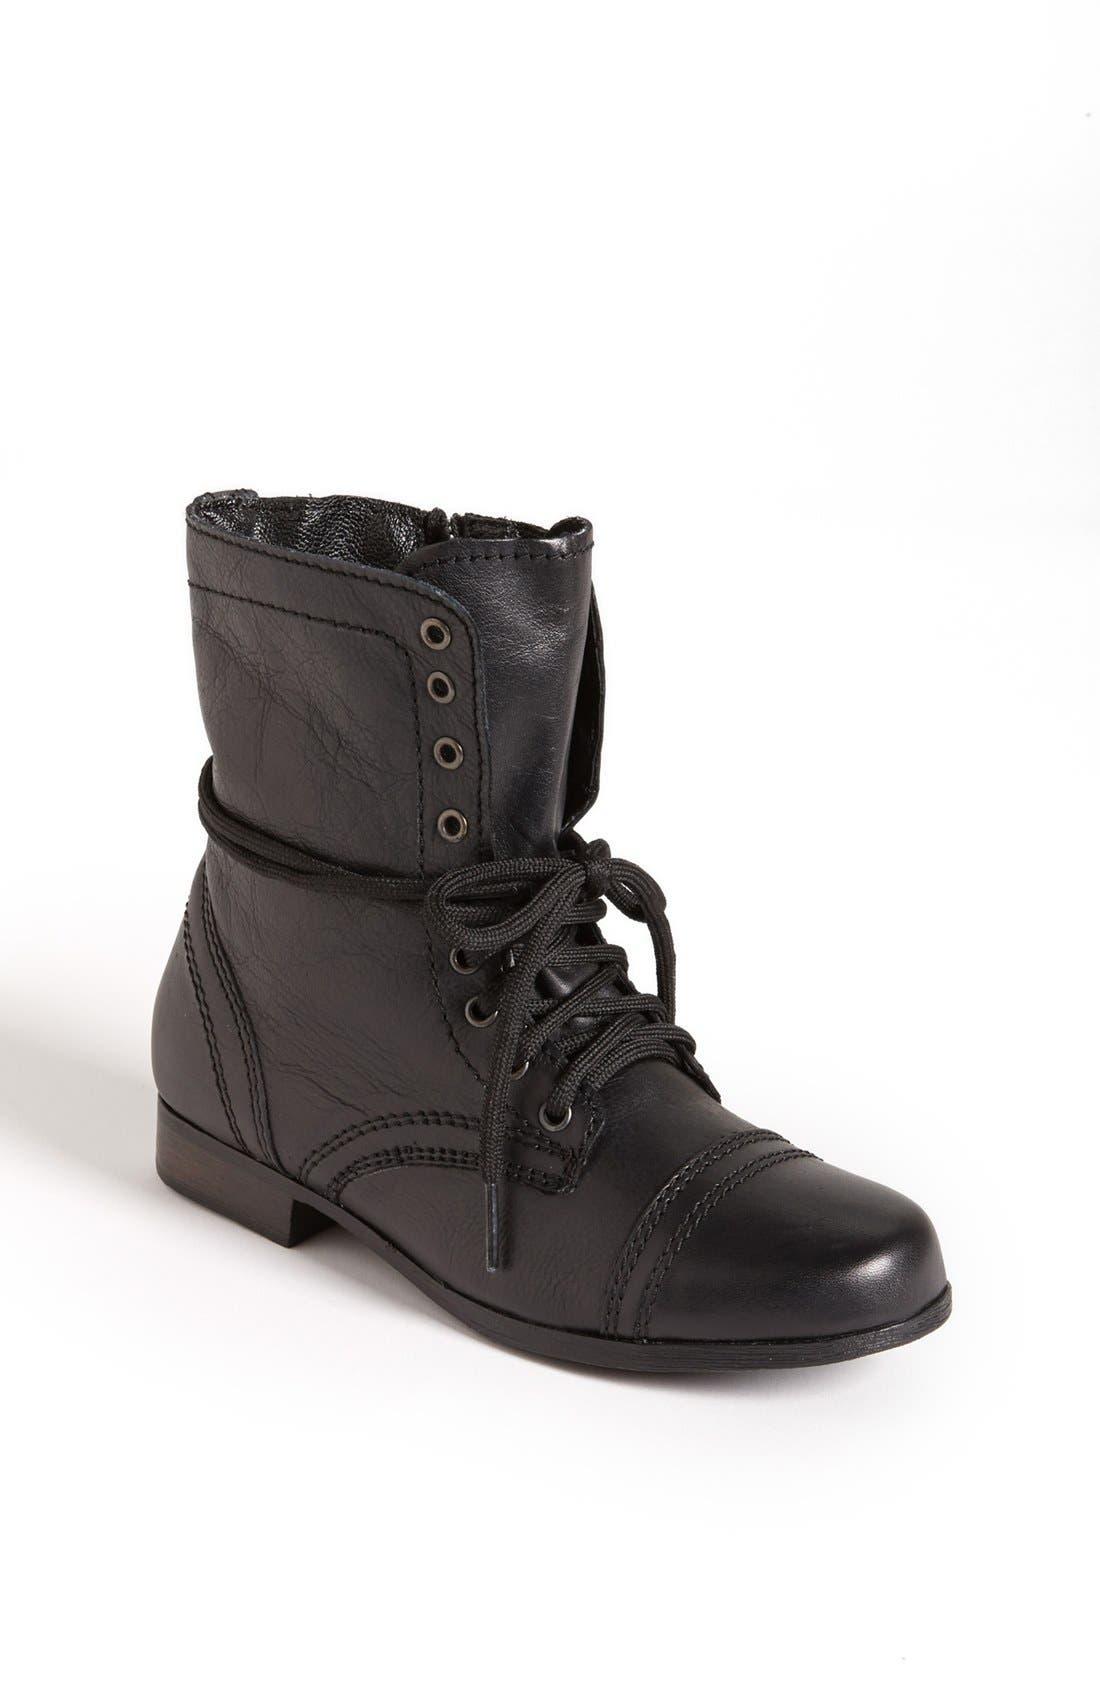 7256ce01dae Toddler Girls  Steve Madden Shoes (Sizes 7.5-12)